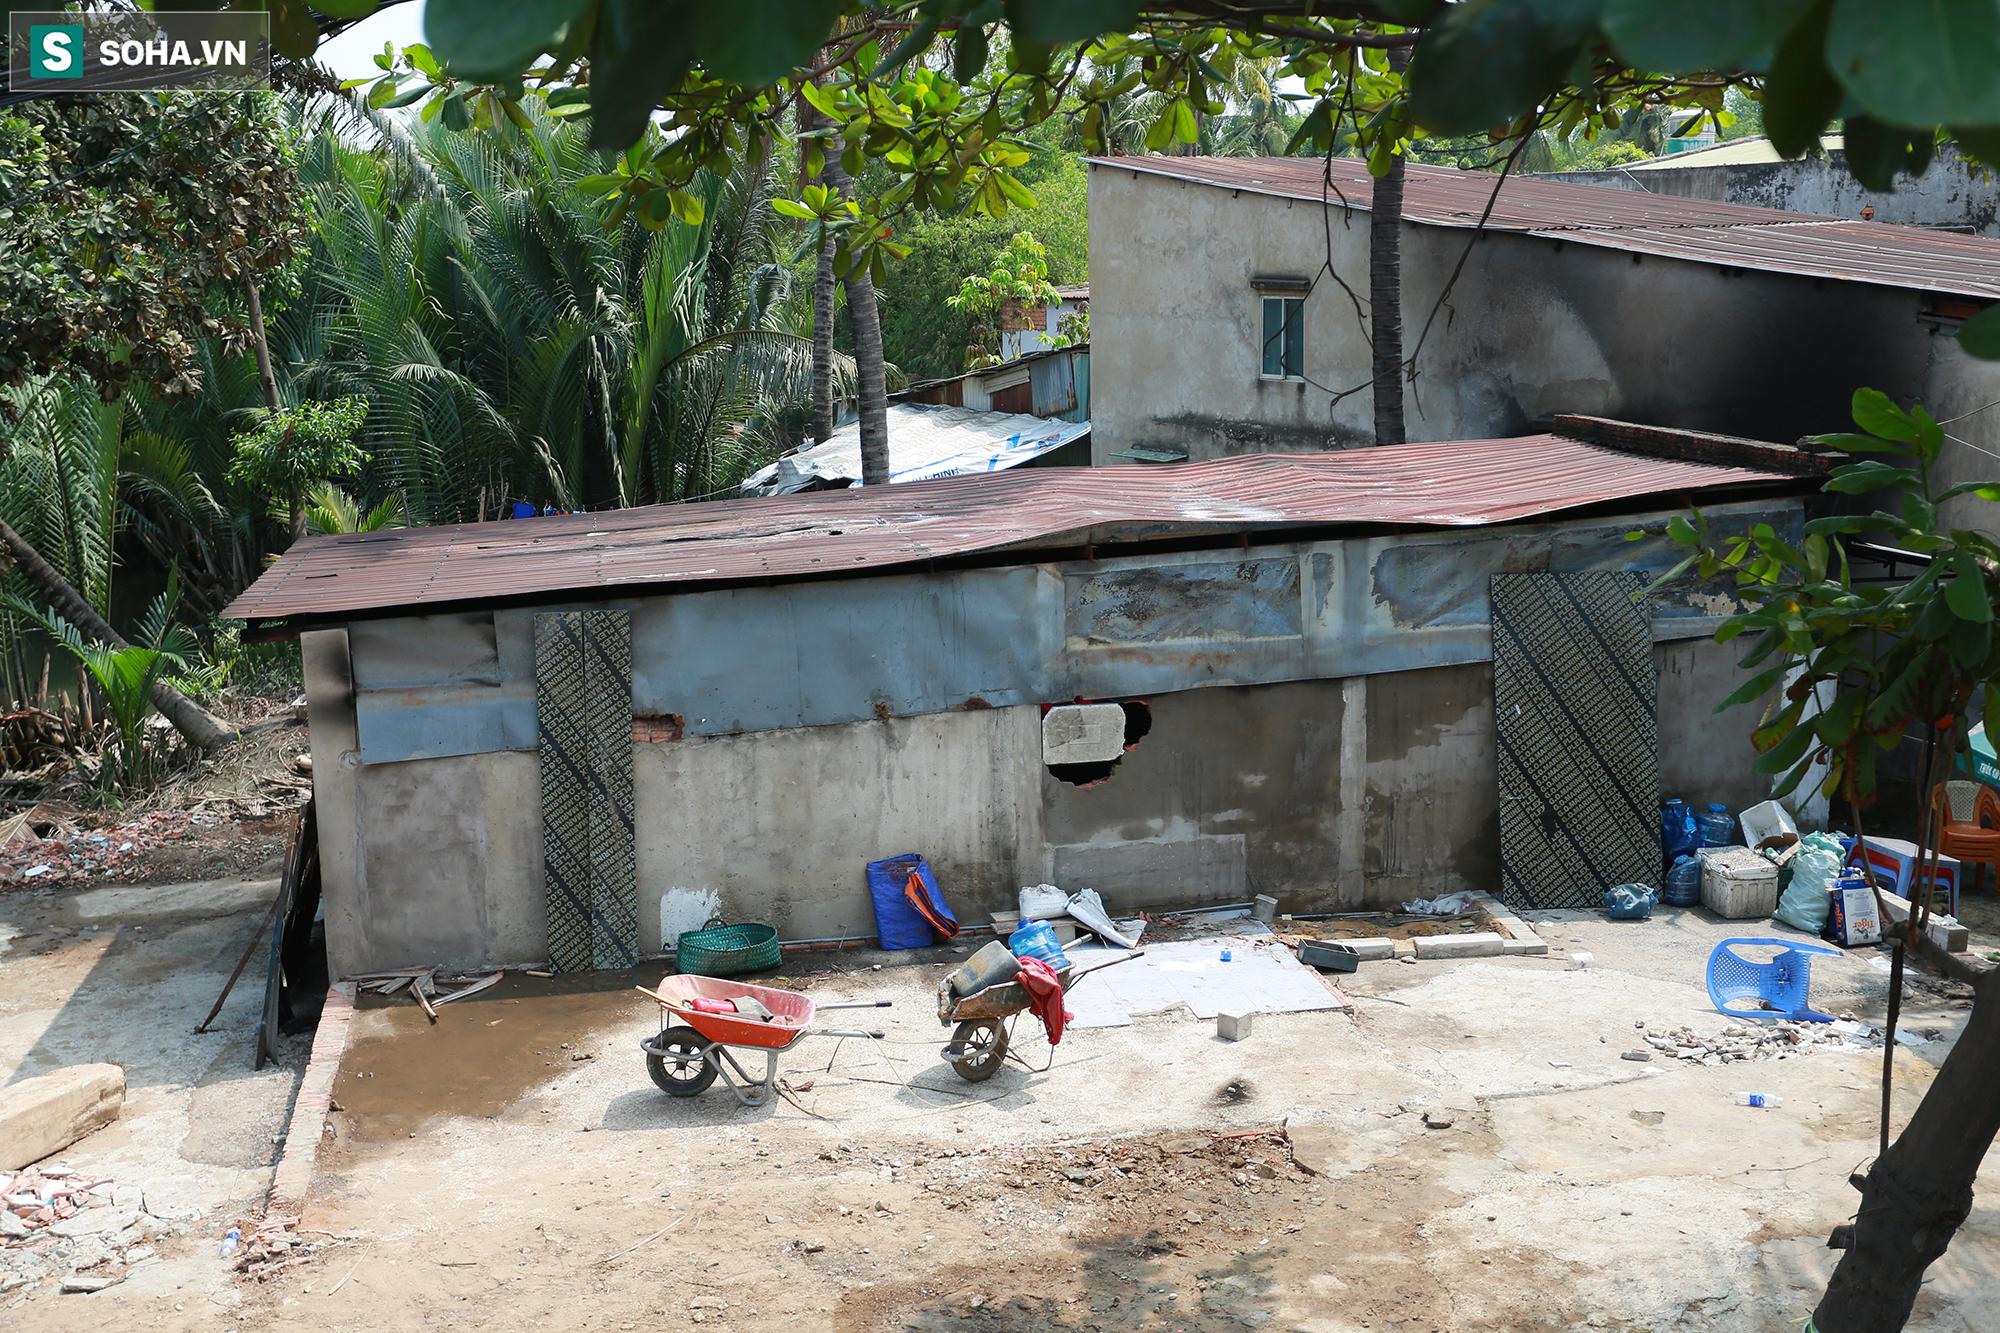 Xót xa hình ảnh còn lại sau đám cháy khiến 6 người trong một gia đình tử vong ở TP.Thủ Đức - Ảnh 2.